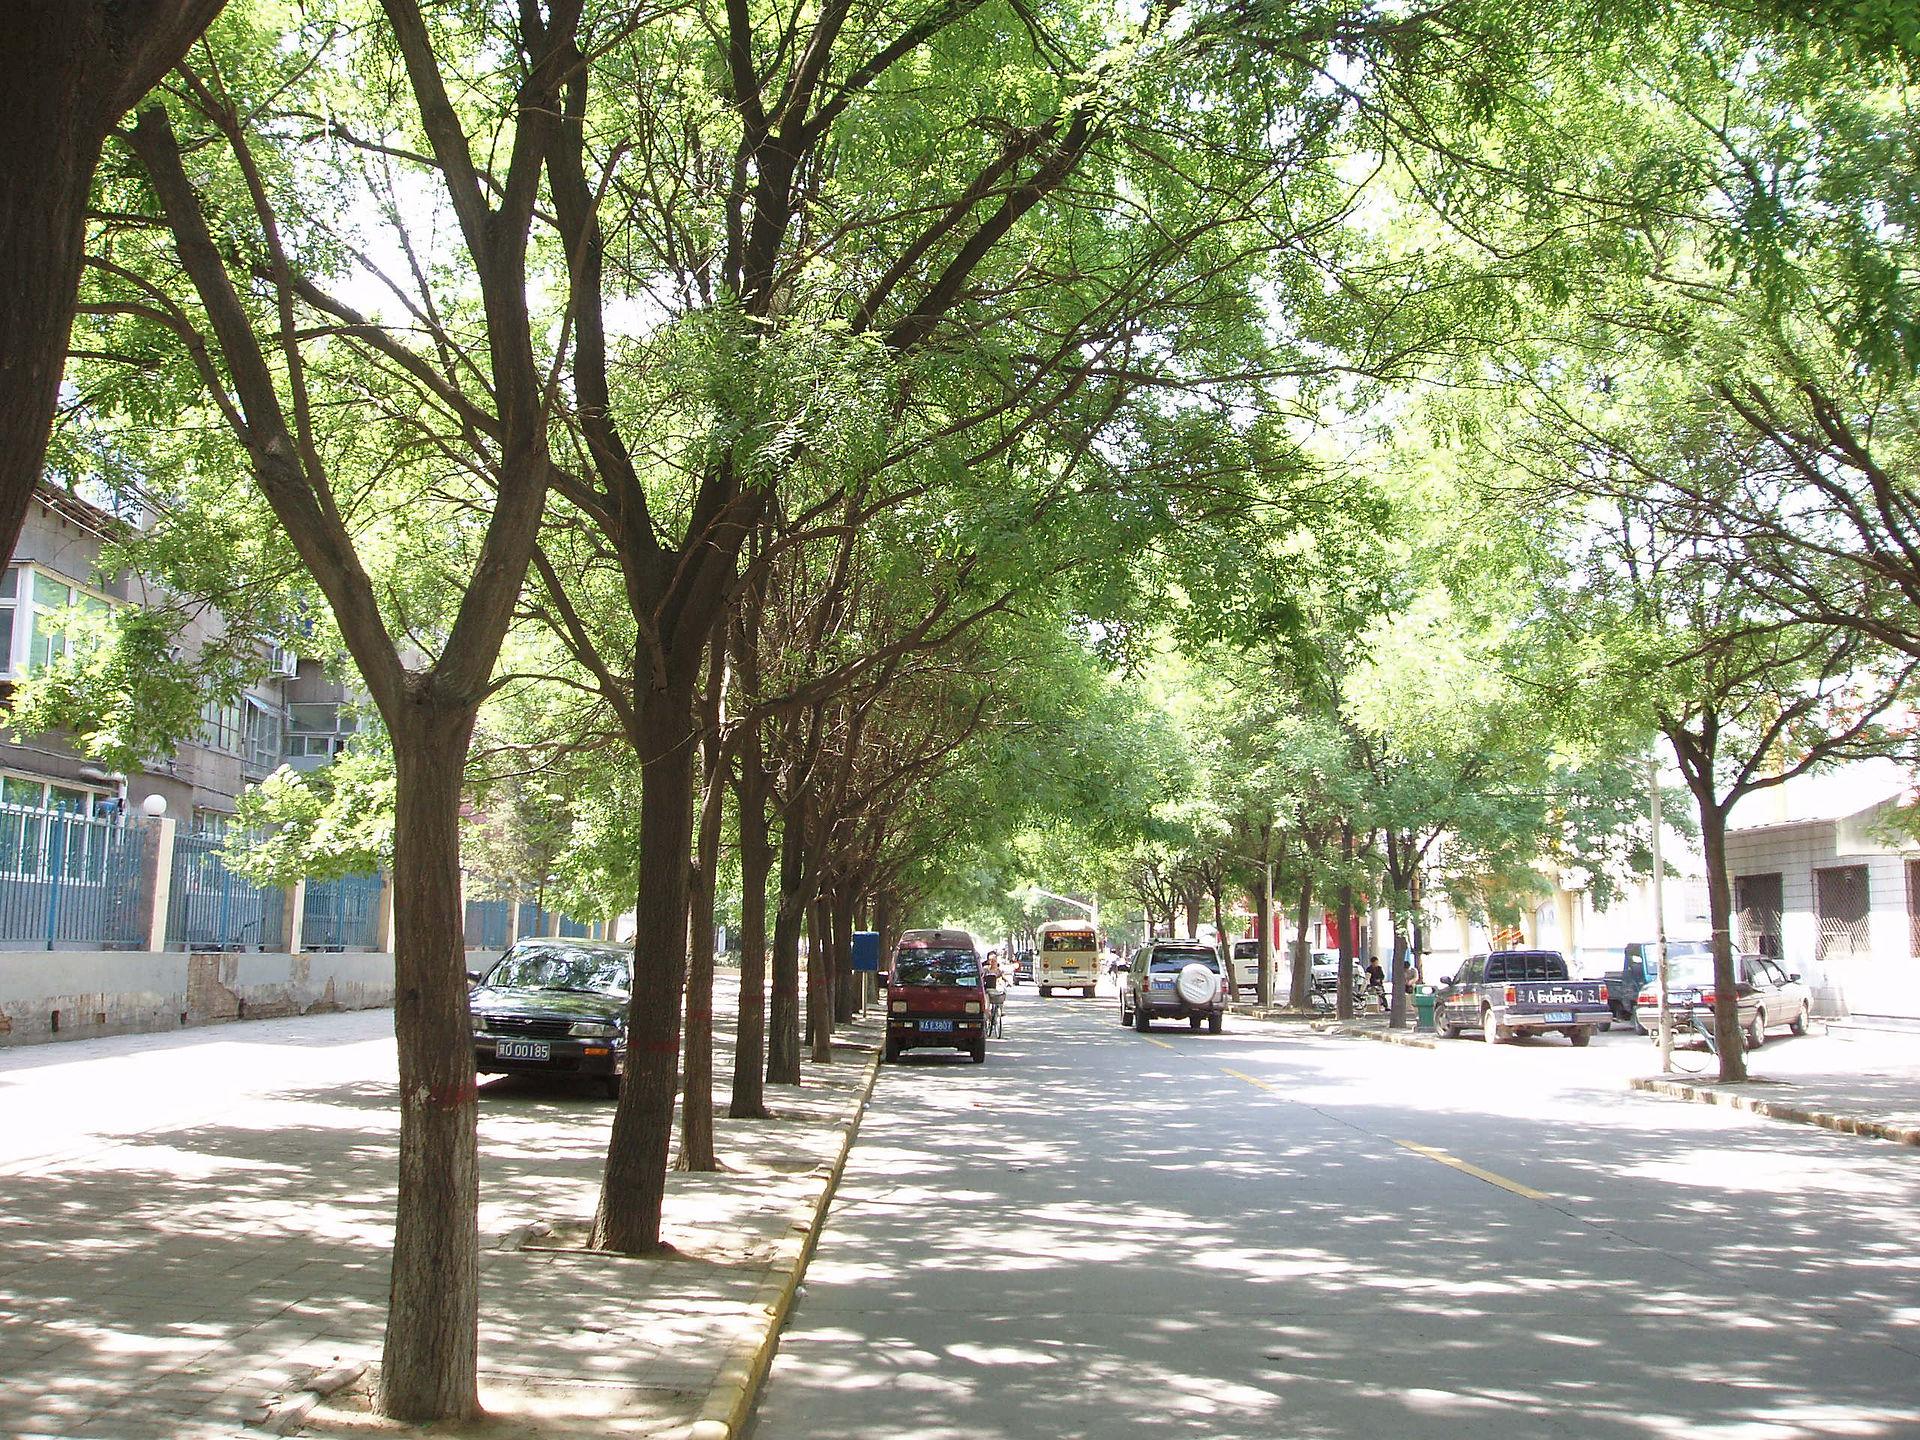 In regent street - 5 8